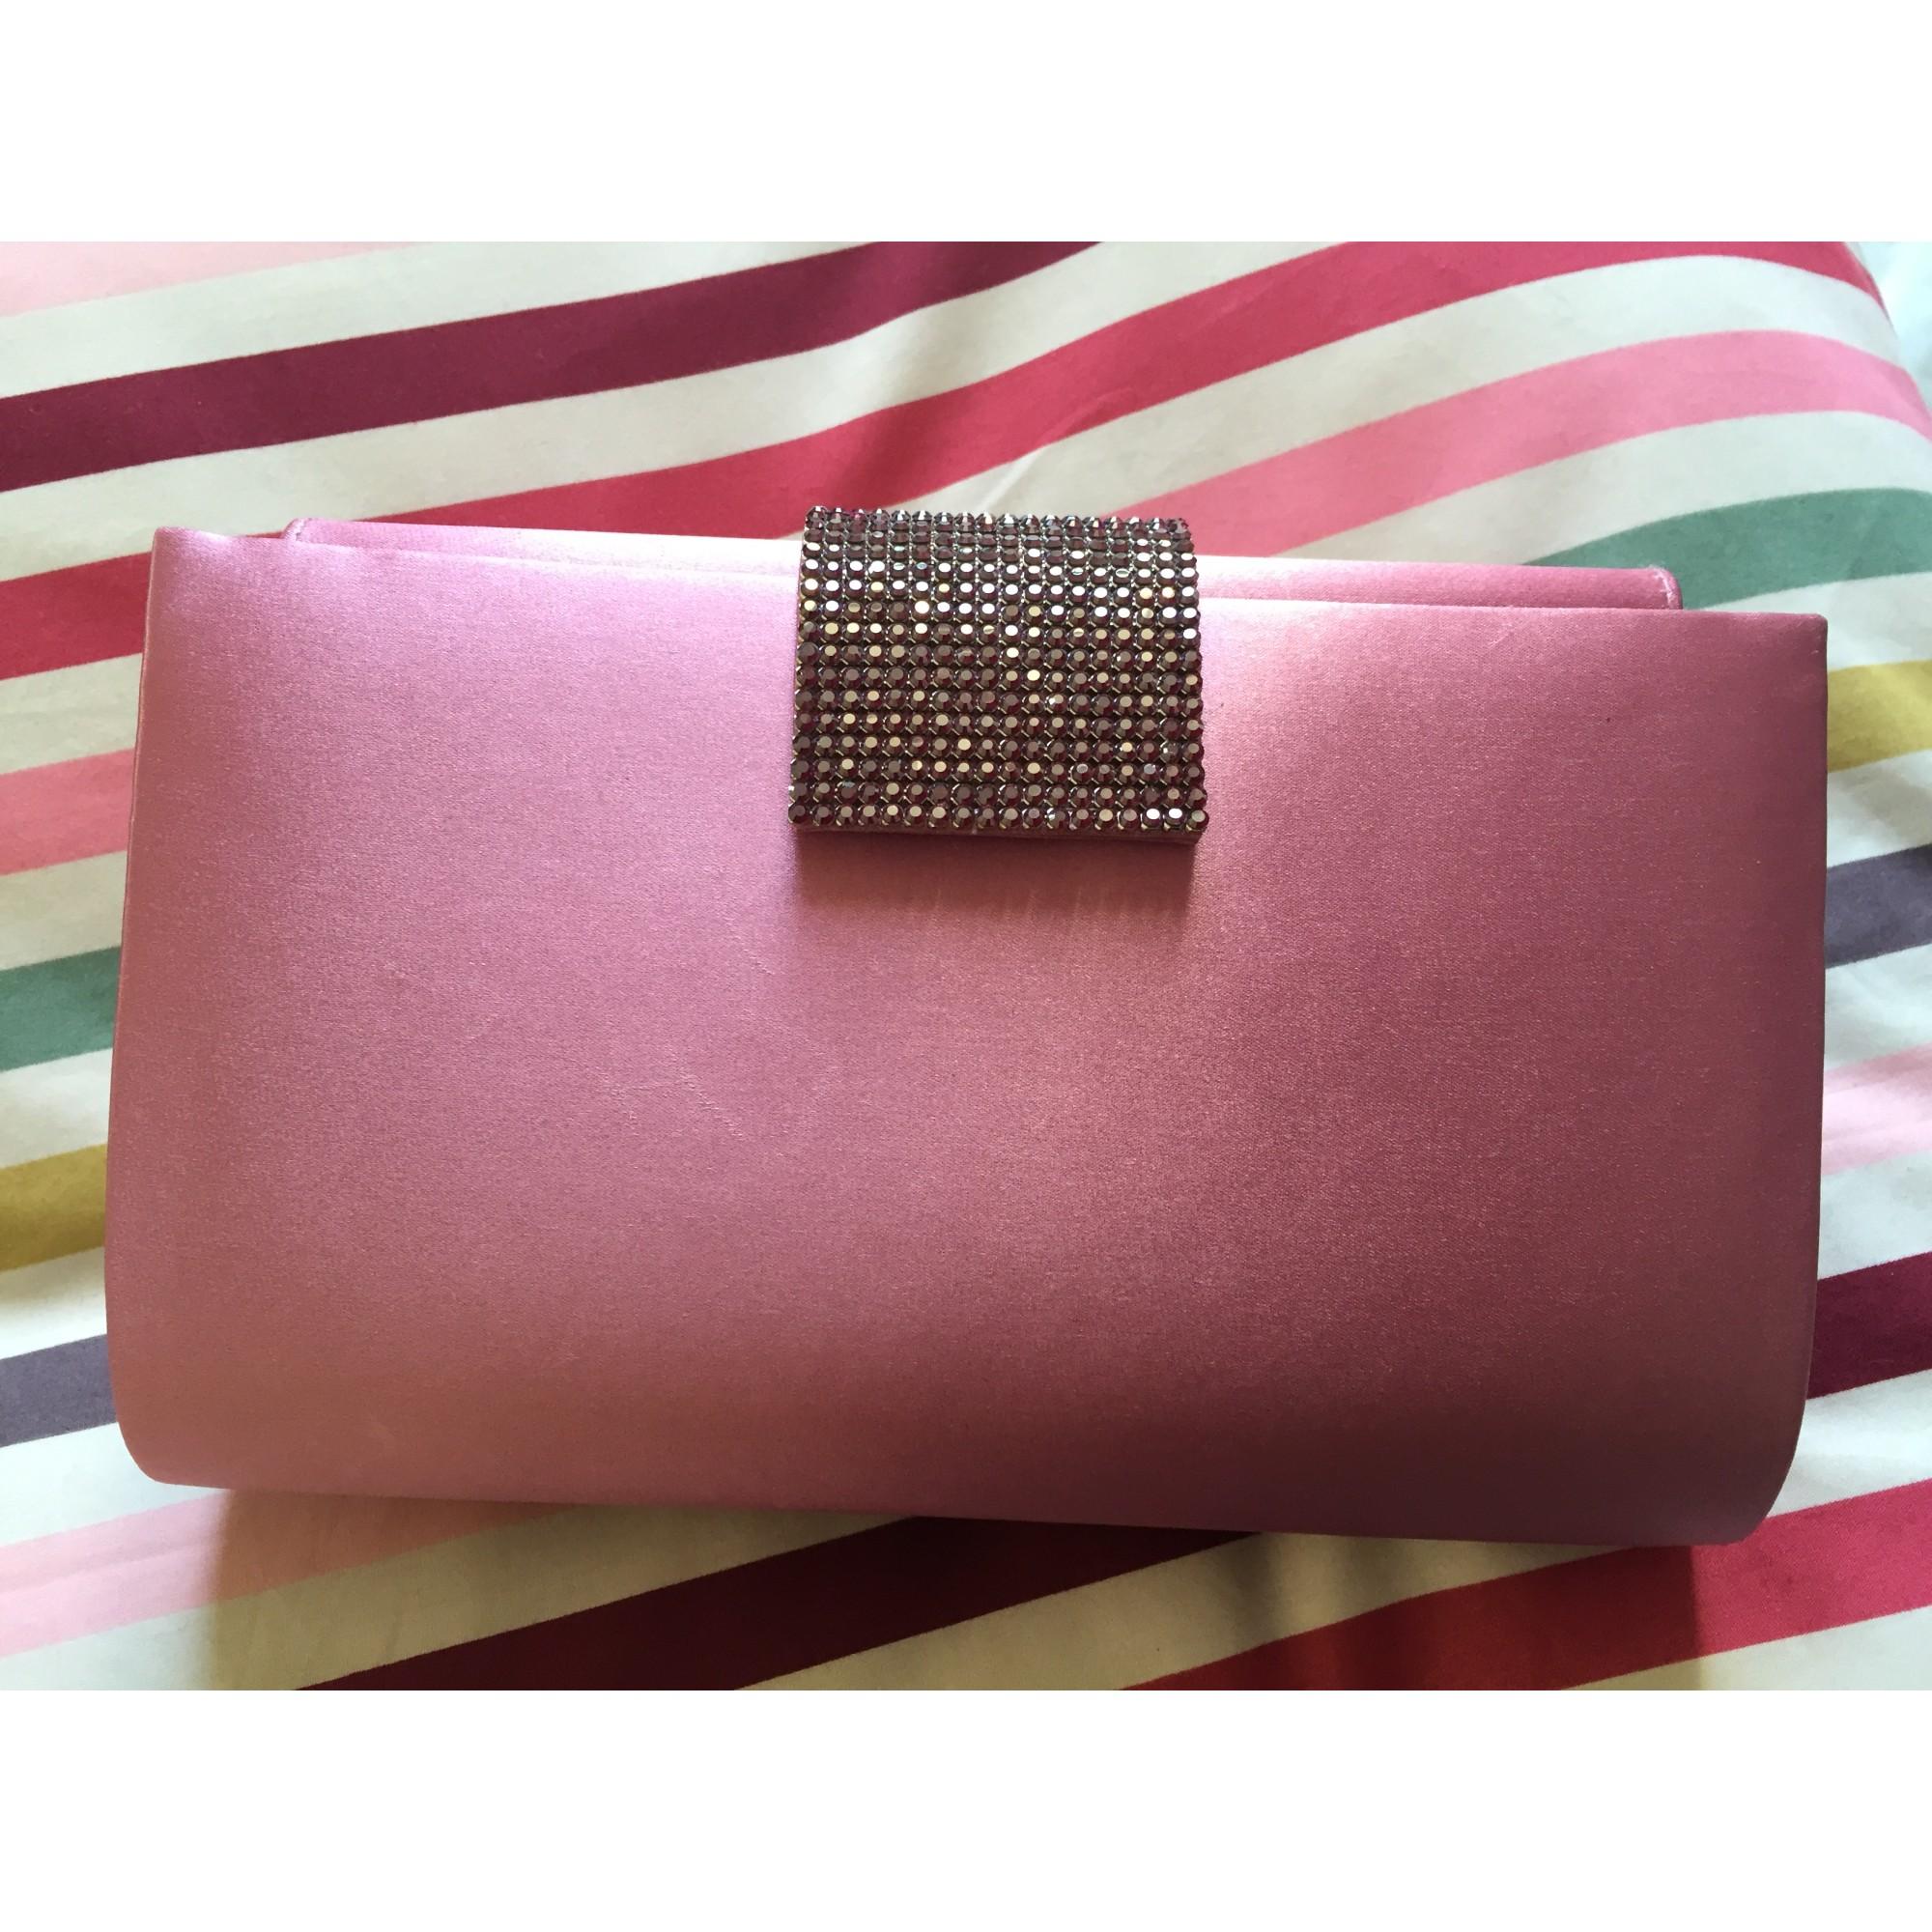 sac pochette en tissu swarovski rose 4692138. Black Bedroom Furniture Sets. Home Design Ideas